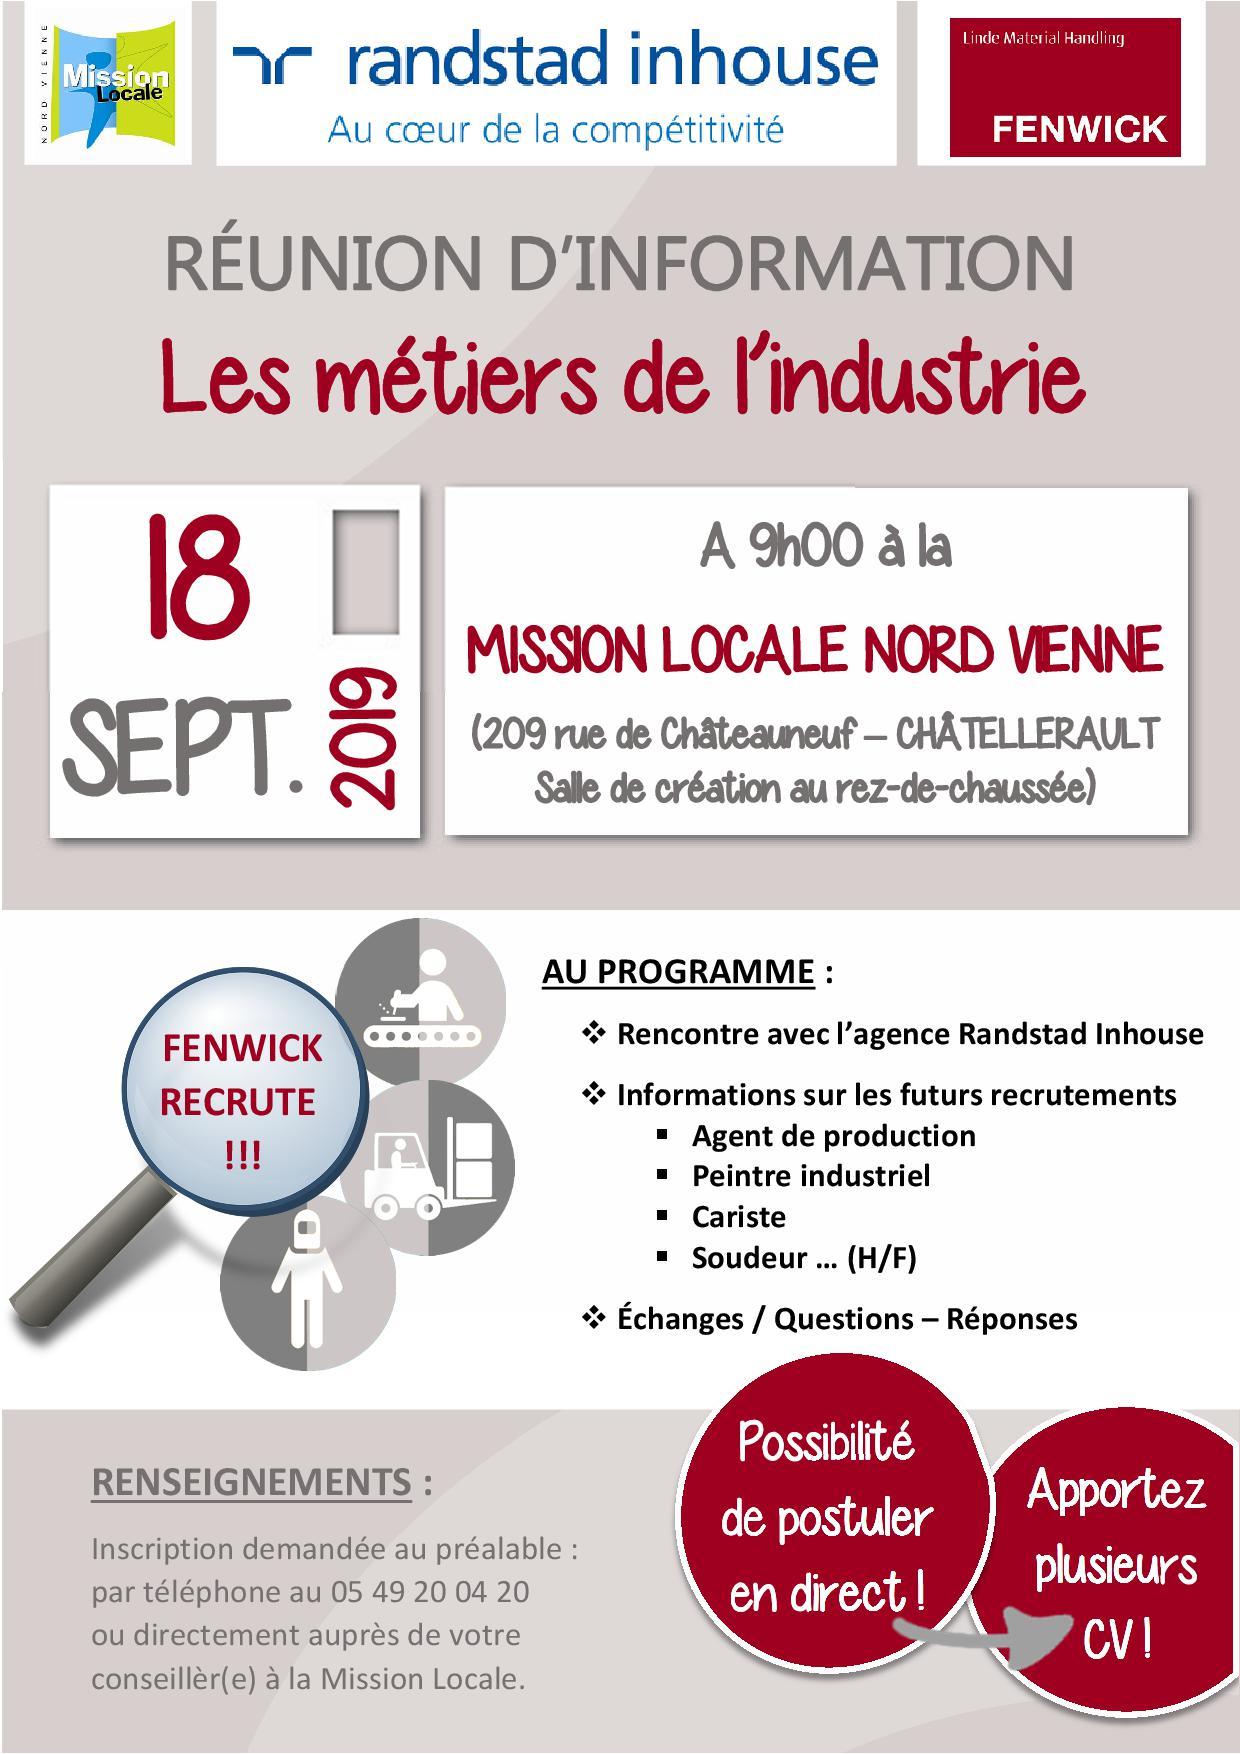 RÉUNION D'INFORMATION : Les métiers de l'industrie – 18 septembre 2019